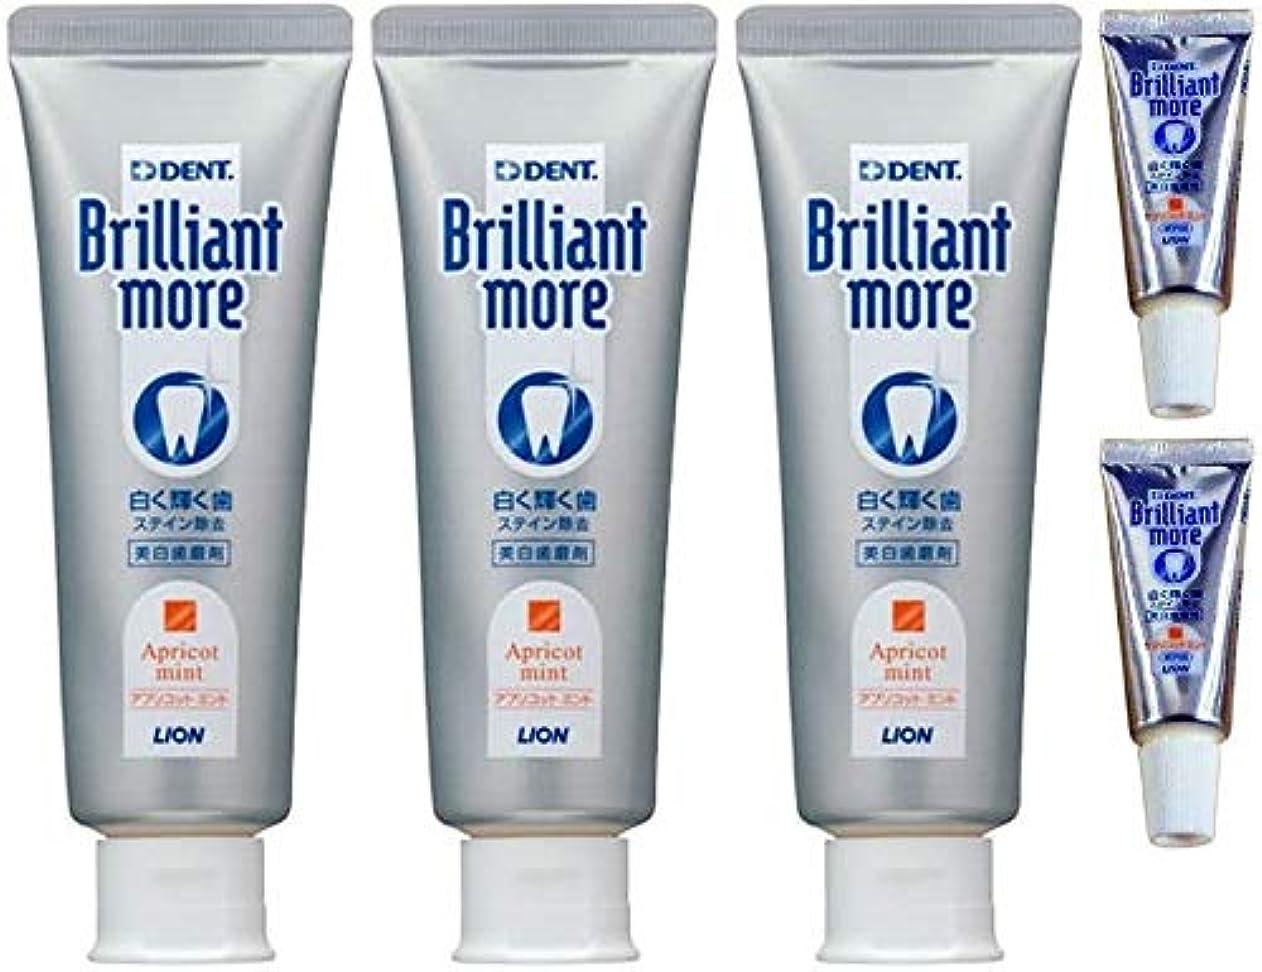 険しいデコードするいたずらなライオン ブリリアントモア アプリコットミント 歯科用 美白歯磨剤 90g×3本 (試供品 20g×2本付き)期間限定